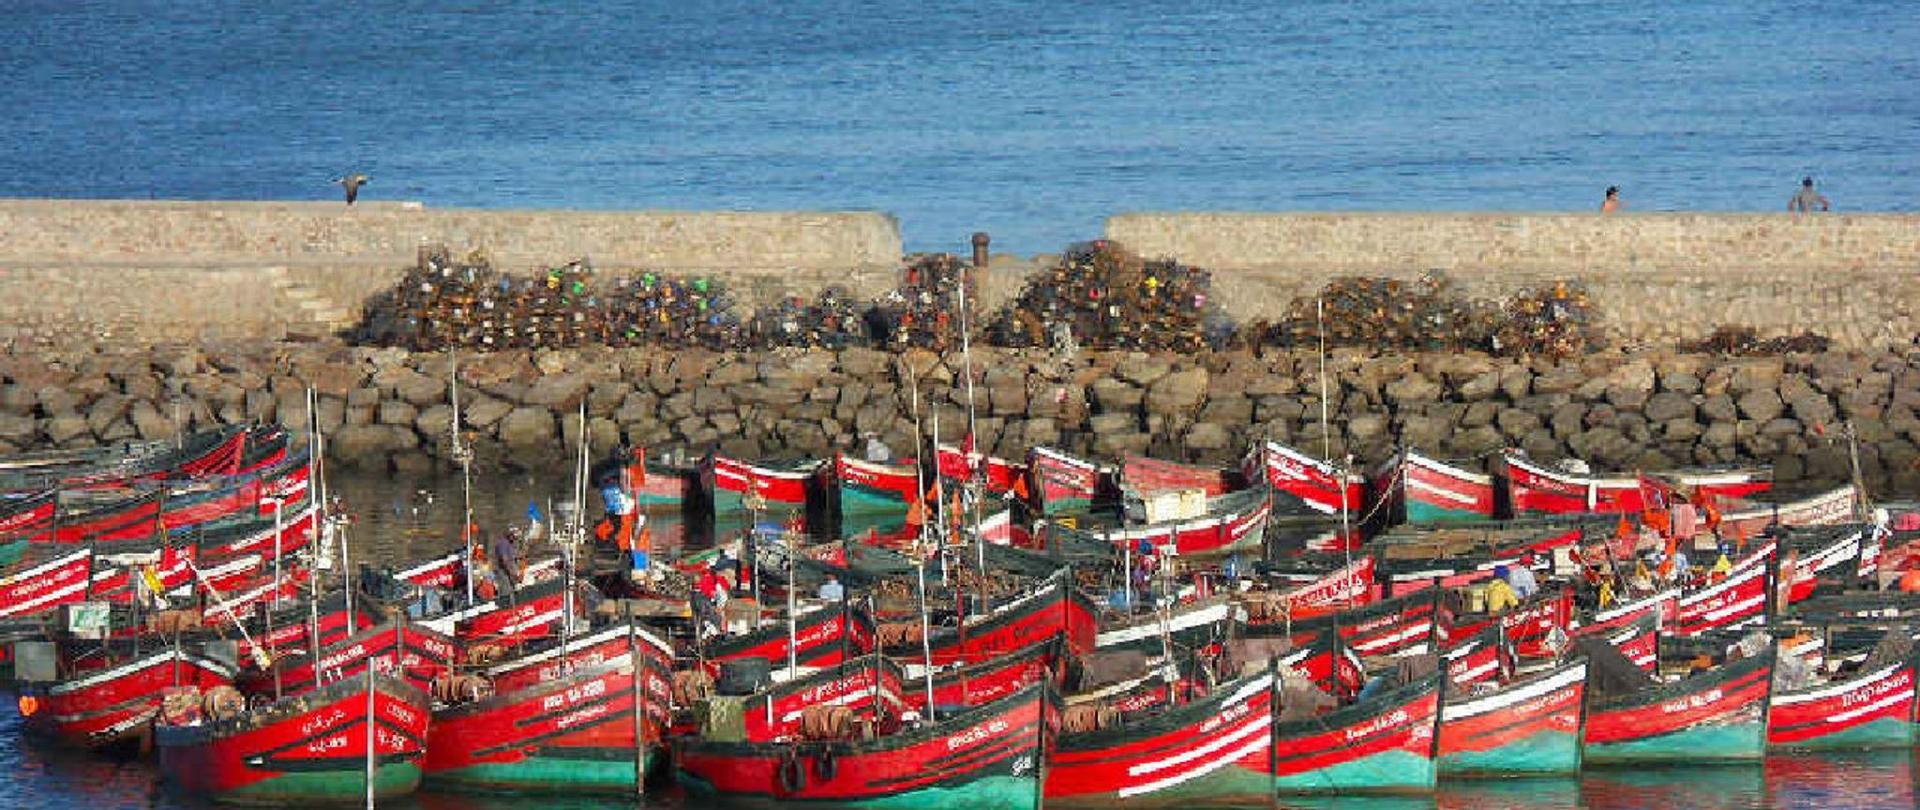 barques8.jpg